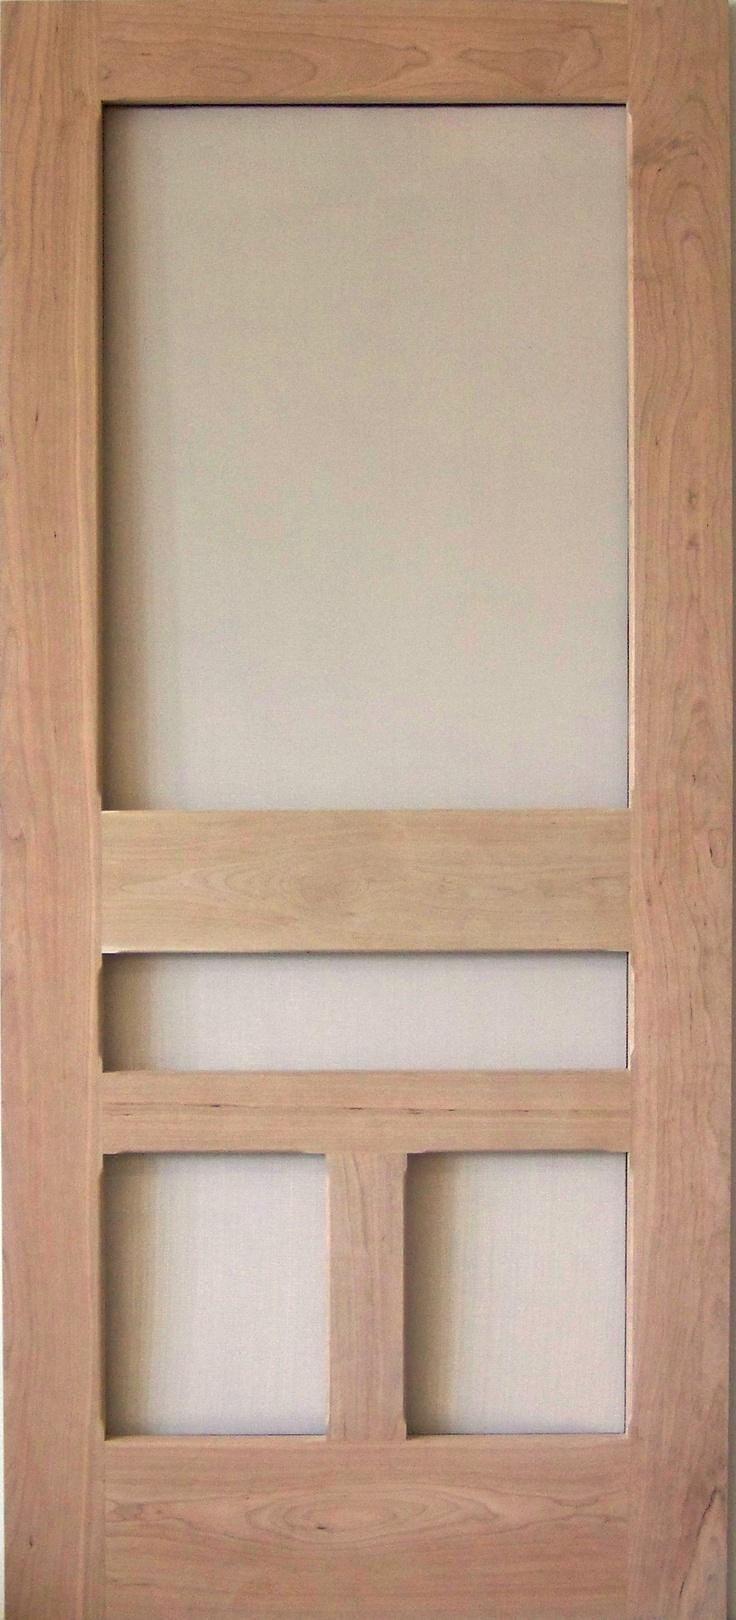 1000 images about screen storm doors on pinterest for Front door and storm door